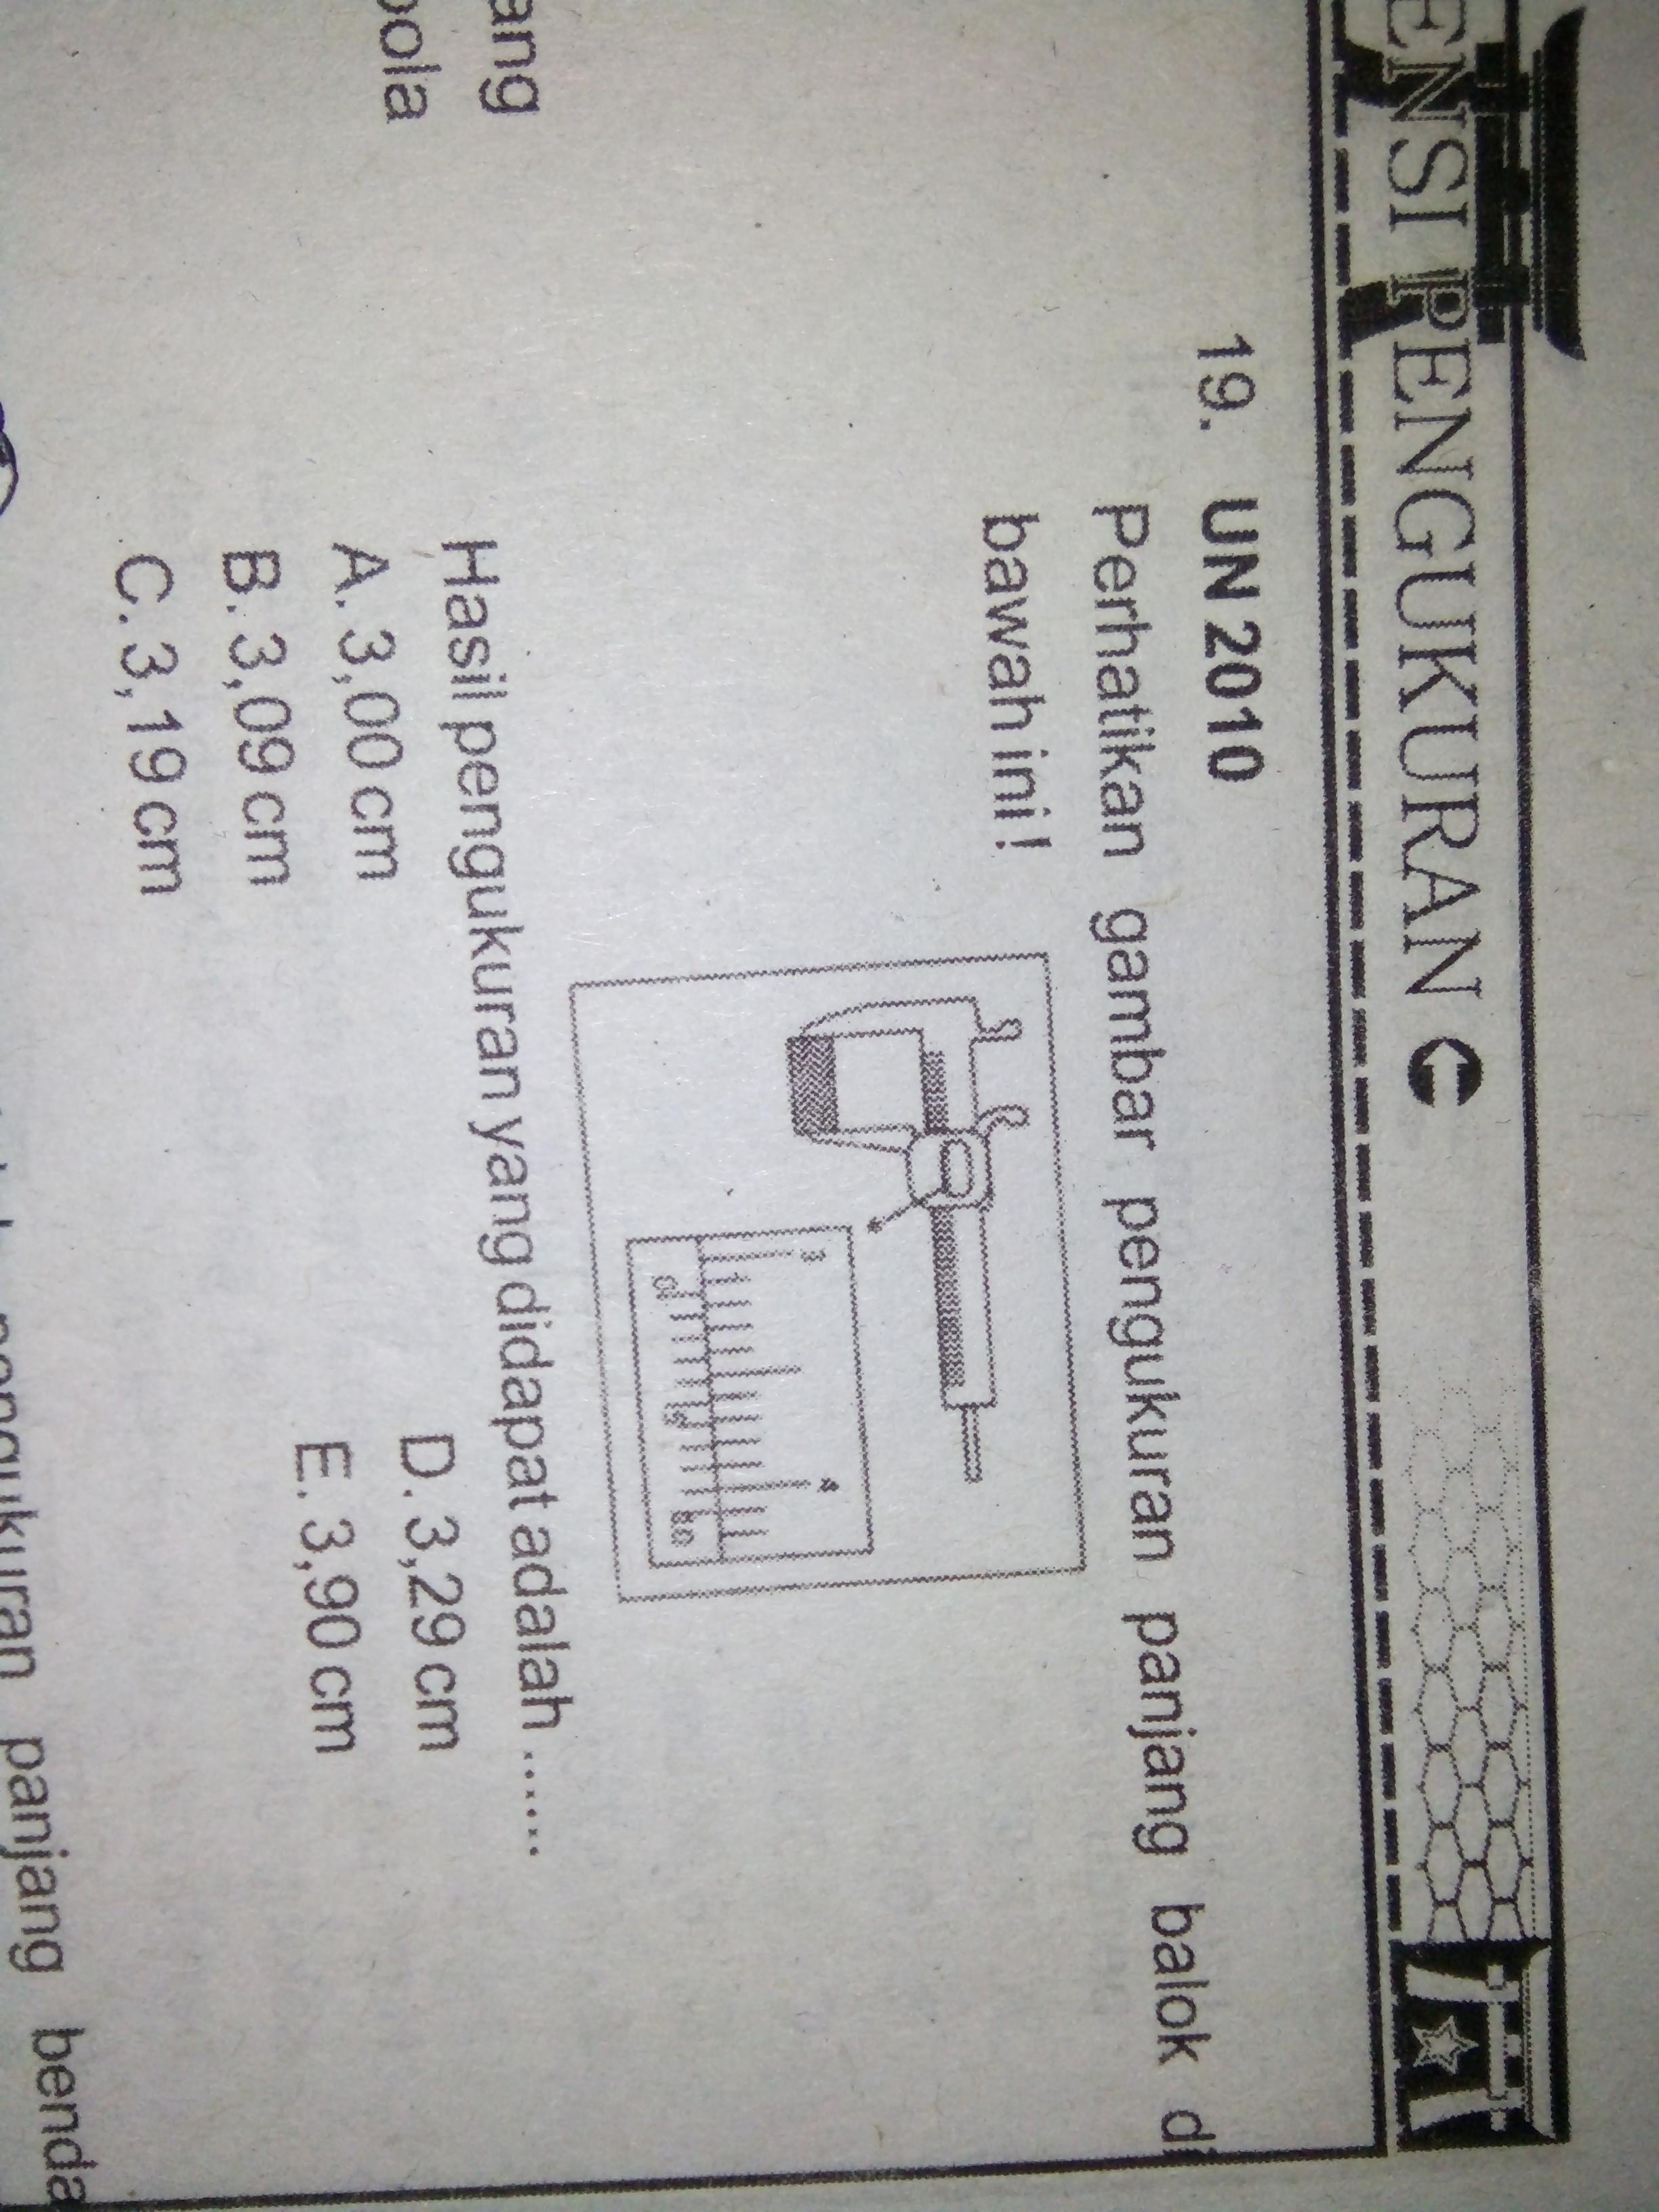 perhatikan gambar pengukuran panjang balok di bawah ini ...